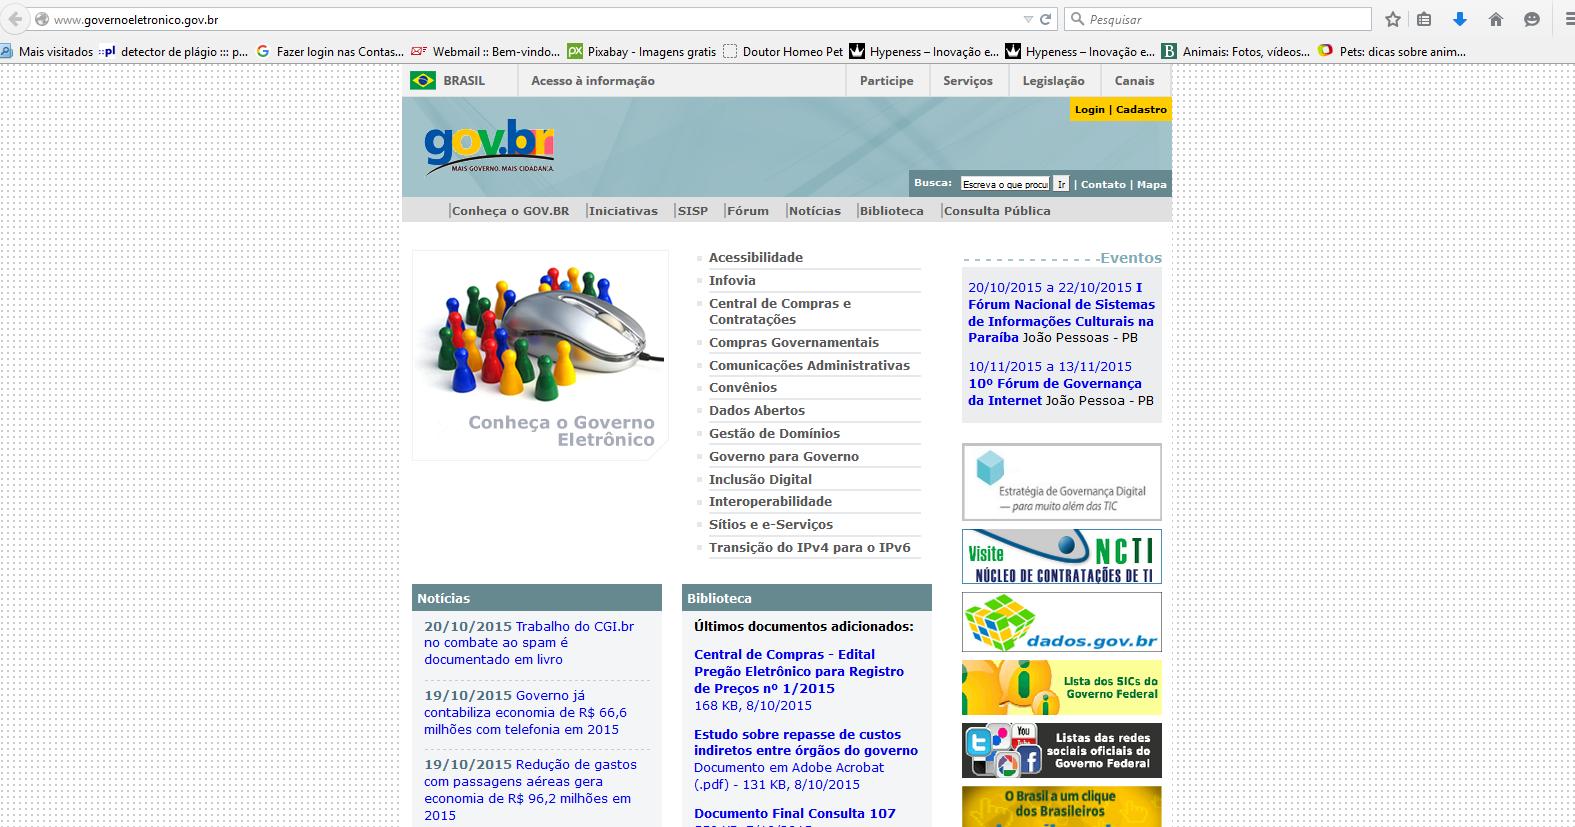 Governo eletrônico: a divulgação online dos serviços e programas ...